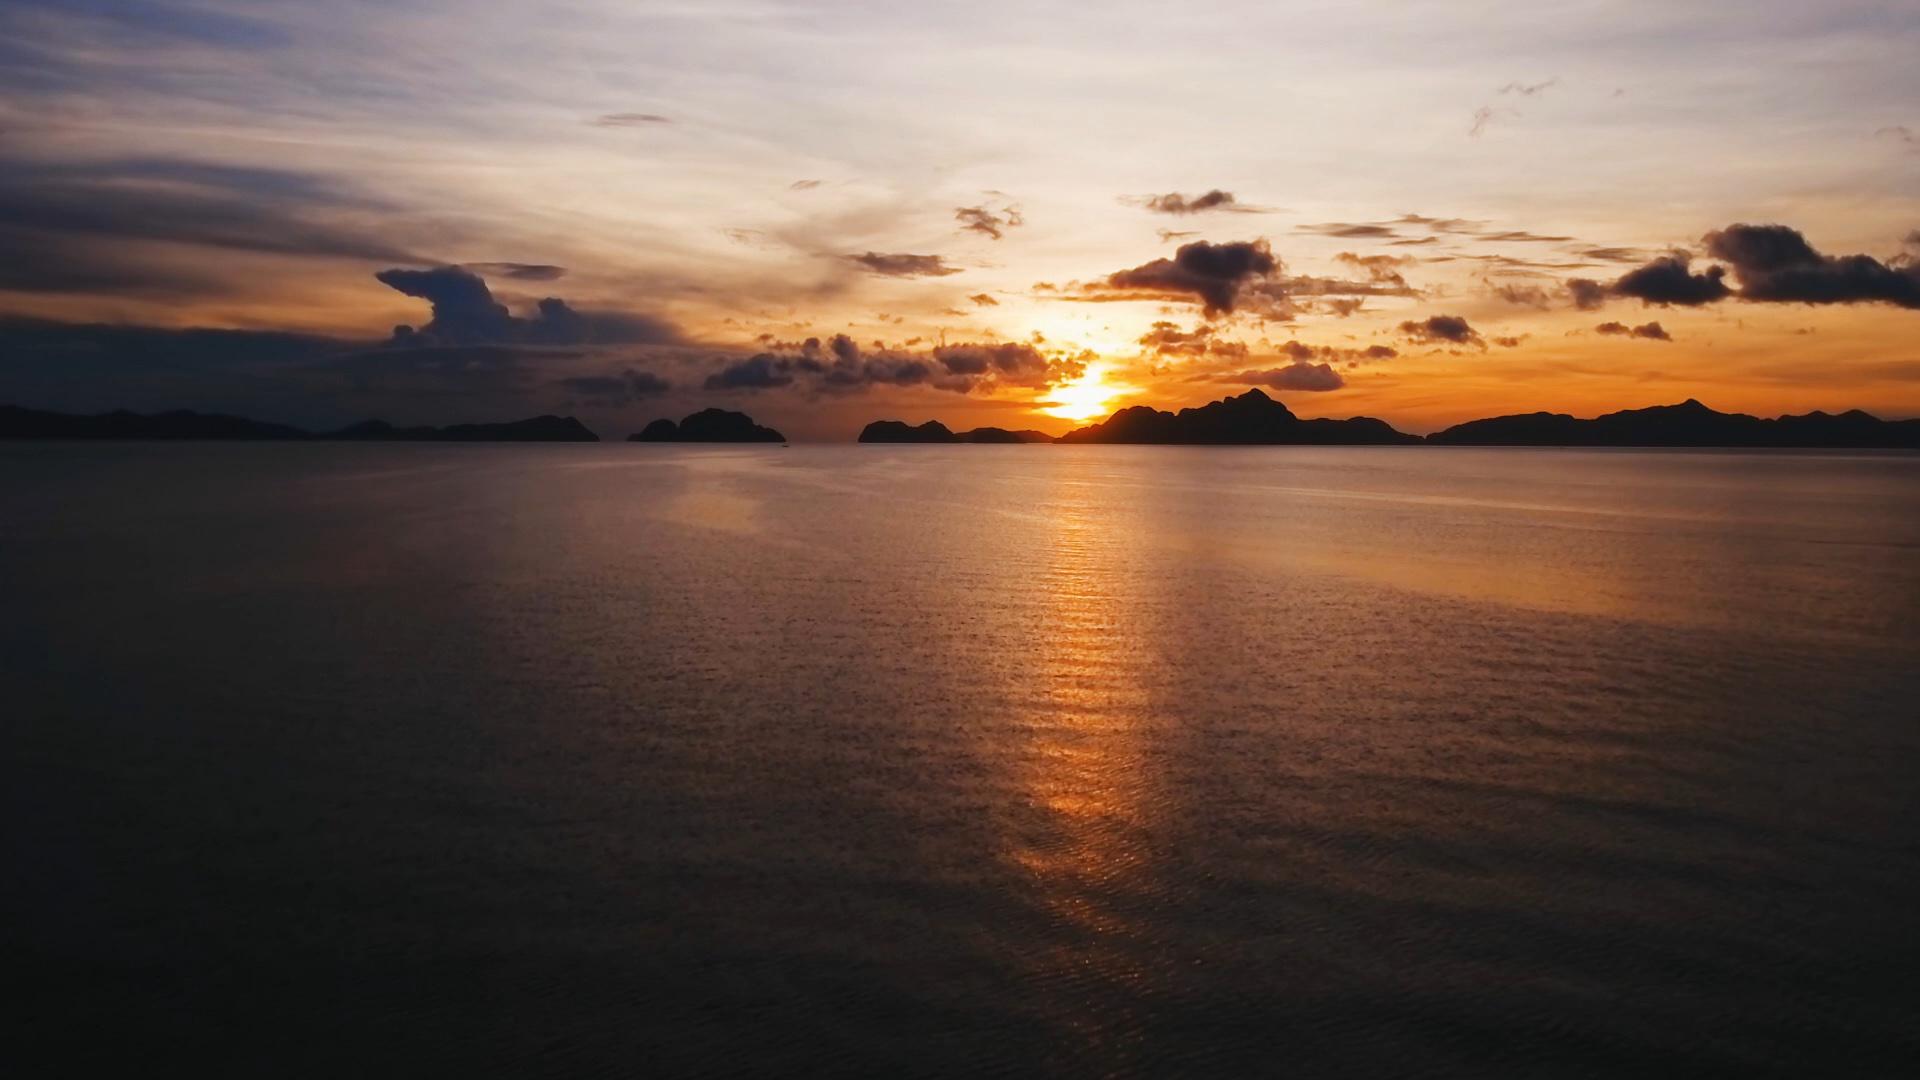 就让自然成为自然吧 去看看菲律宾,艾尔尼多自然保护区 文/时尚旅游 1、白沙滩 白沙滩是长滩岛得以闻名世界的最大原因,被评为世界十大海滩之一,被誉为亚洲最美沙滩。白沙滩长达4公里,是由大片珊瑚磨碎后形成的,沙滩平缓舒缓,沙质细腻洁白,即使在骄阳似火的正午时分,踏在沙上也依然清凉。这里的落日十分迷人,海天一线,晚霞笼罩一切。 2、普卡海滩 普卡海滩也被称为雅泊海滩,位于北部海岸。它是长滩岛的第二大海滩,以闪亮的普卡贝壳闻名。这些贝壳在上世纪七八十年代是风行一时的饰物原料,收集贝壳是当时岛上的主要产业,至